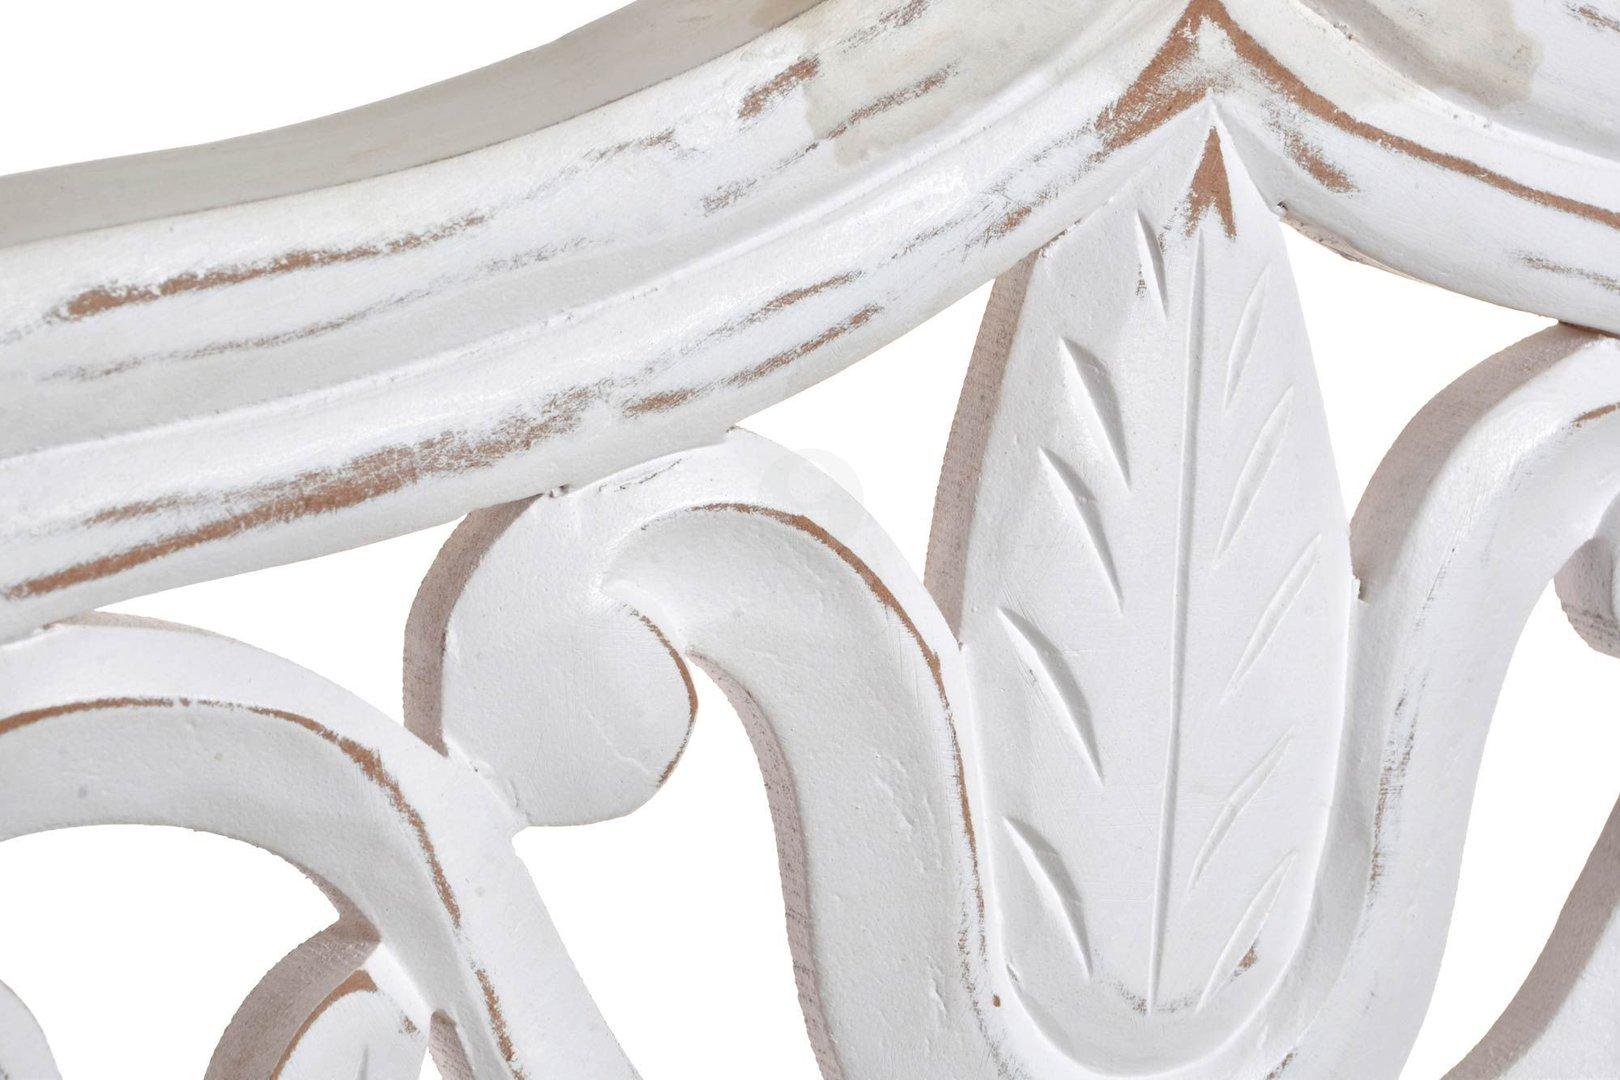 Testata letto orientale legno bianco testate etniche intagliate - Letto legno bianco ...